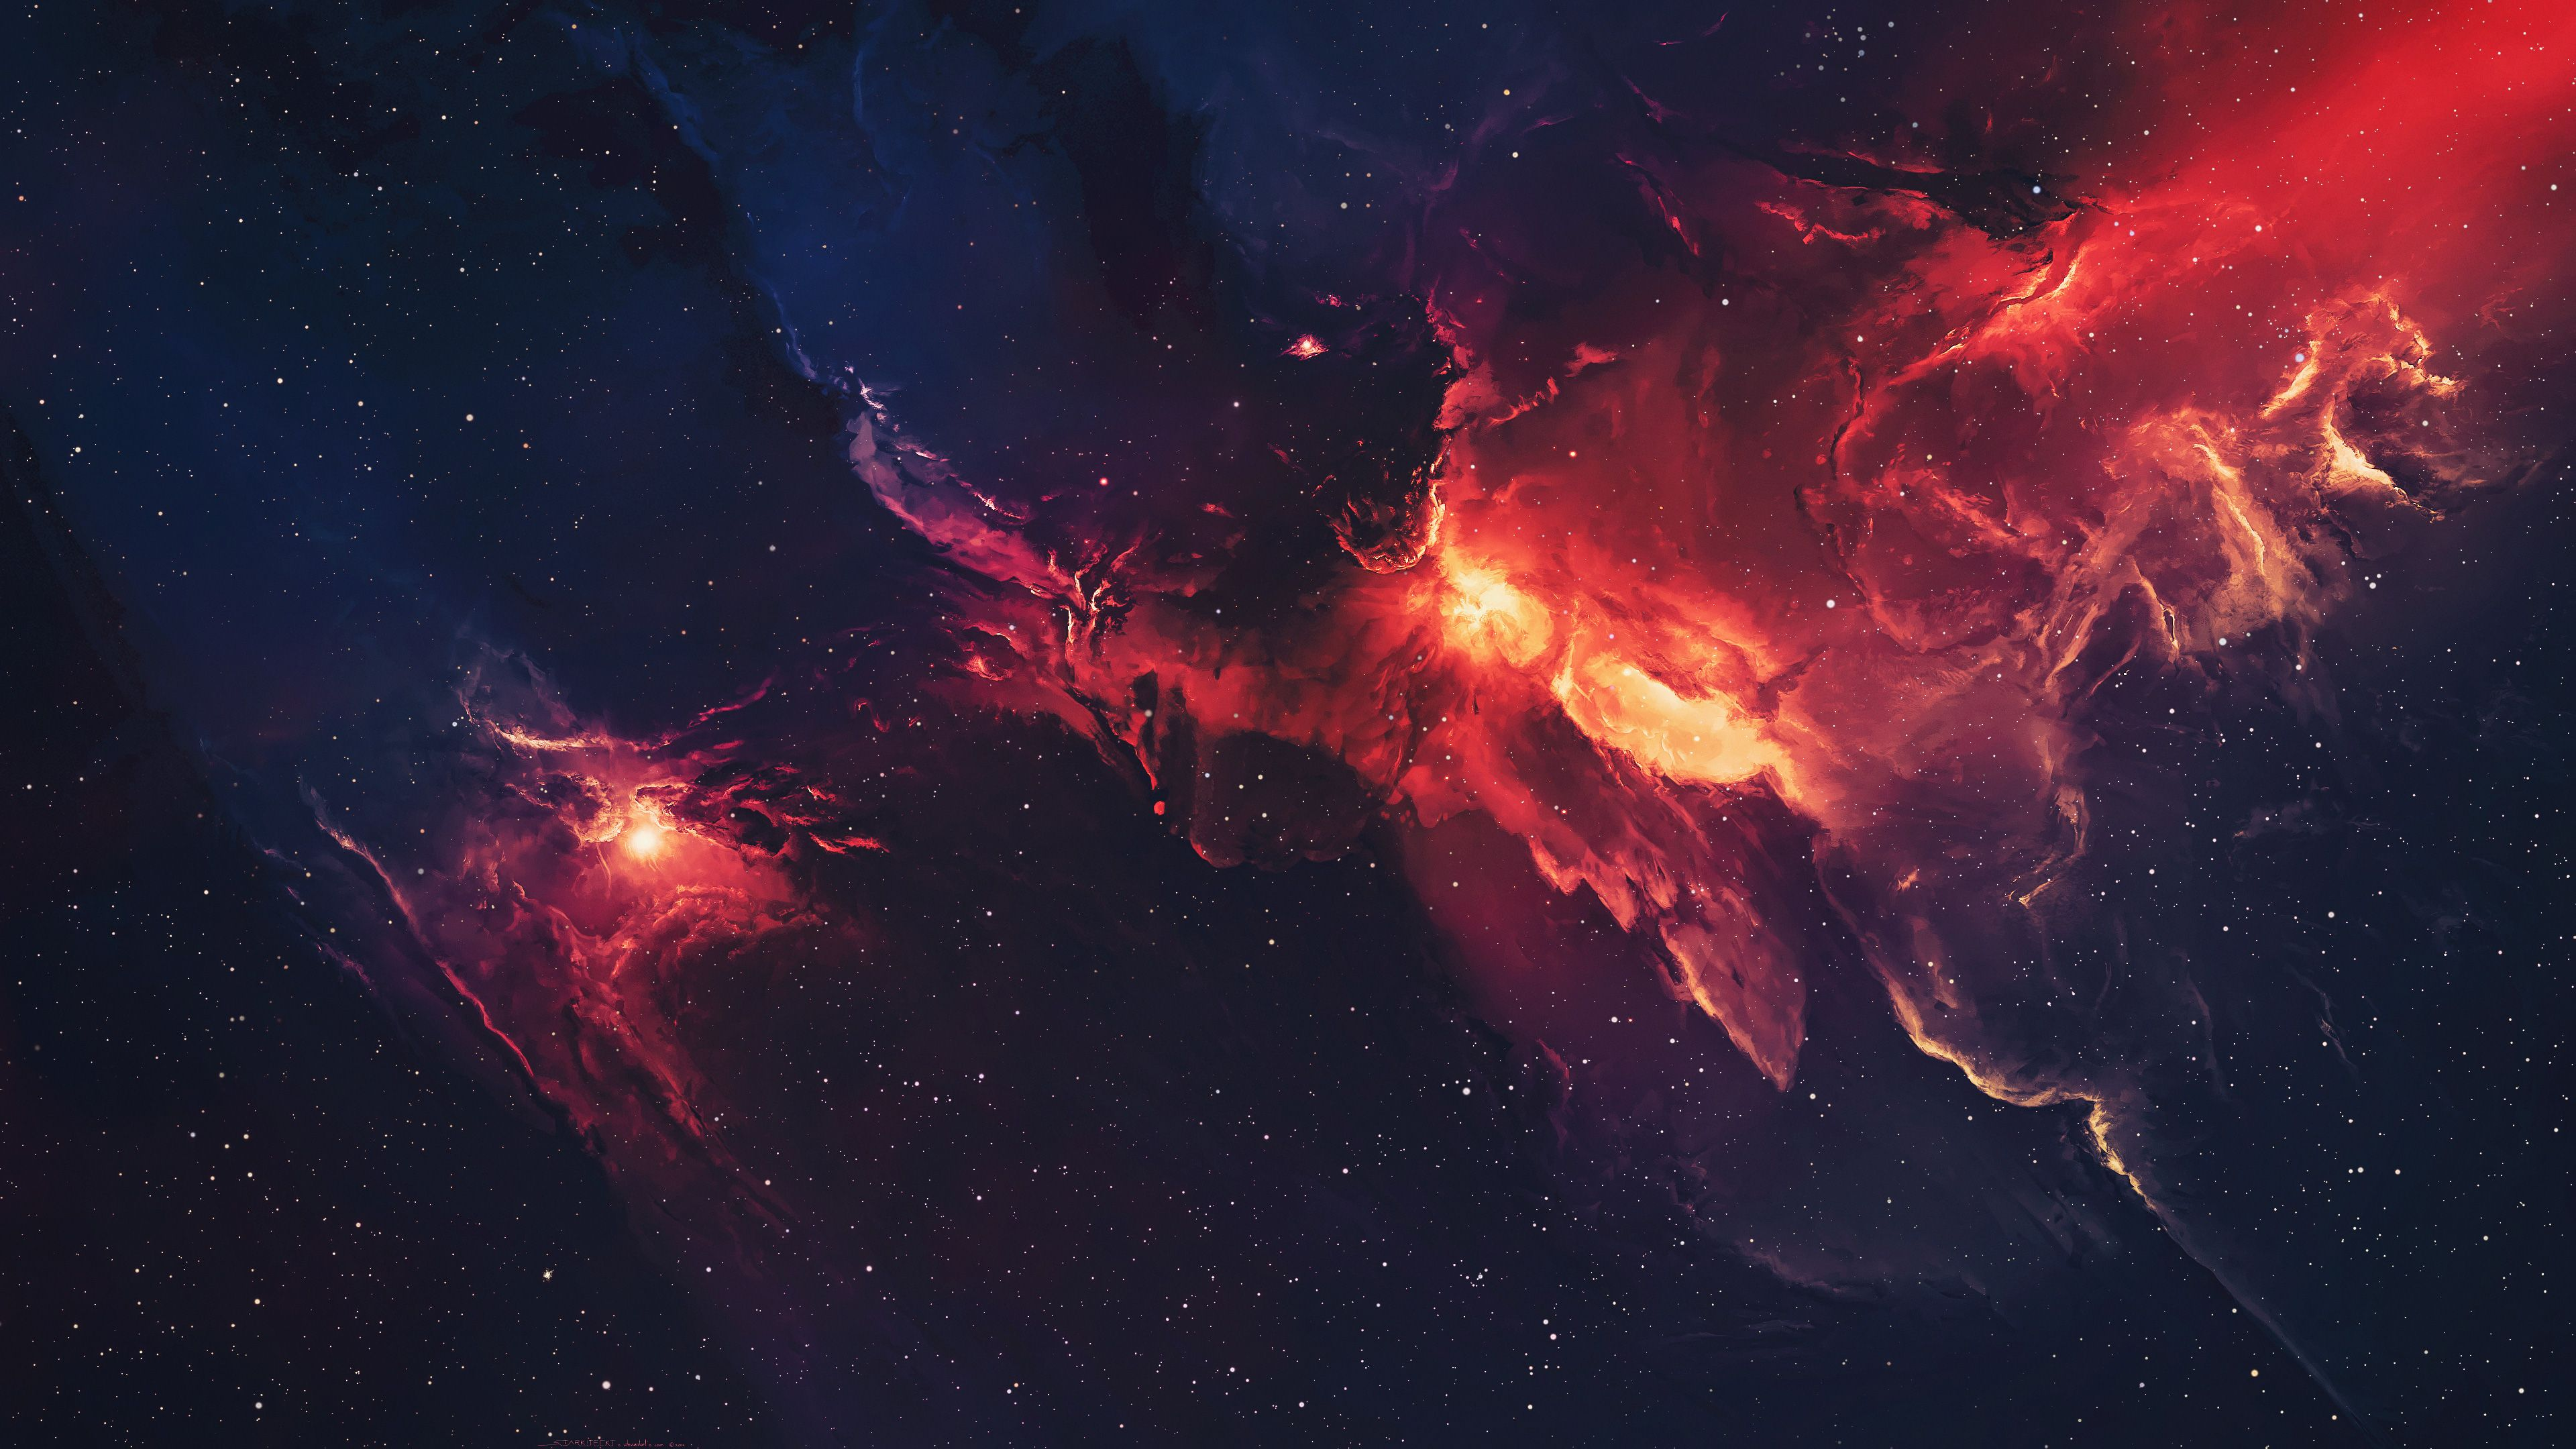 Galaxy Space Stars Universe Nebula 4k Universe Wallpapers Stars Wallpapers Space Wallpapers Nebula Wallpapers Hd W Nebula Wallpaper Nebula Galaxy Wallpaper